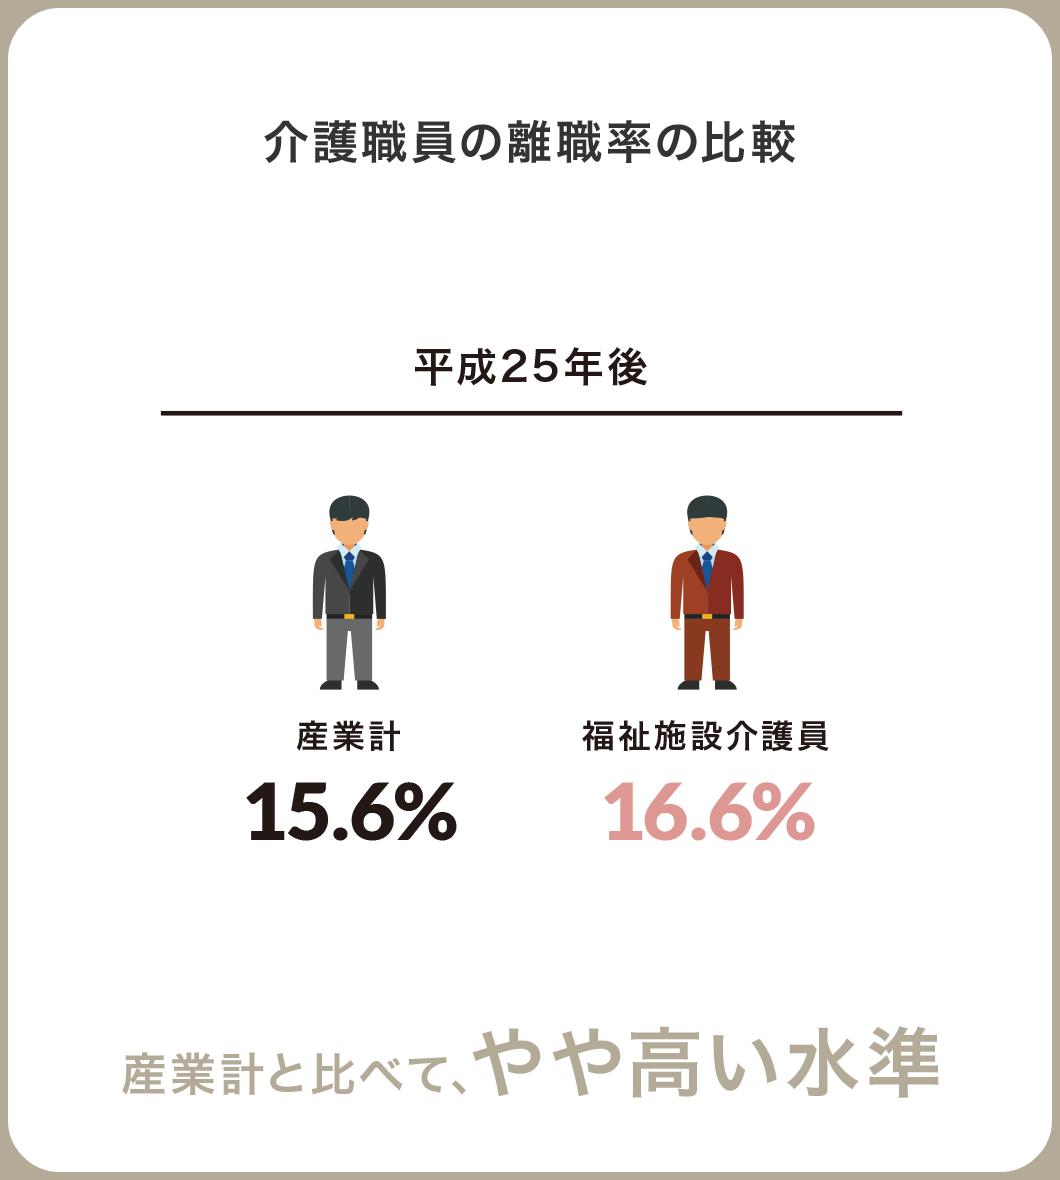 介護職員の離職率の比較 産業計と比べて、やや高い水準